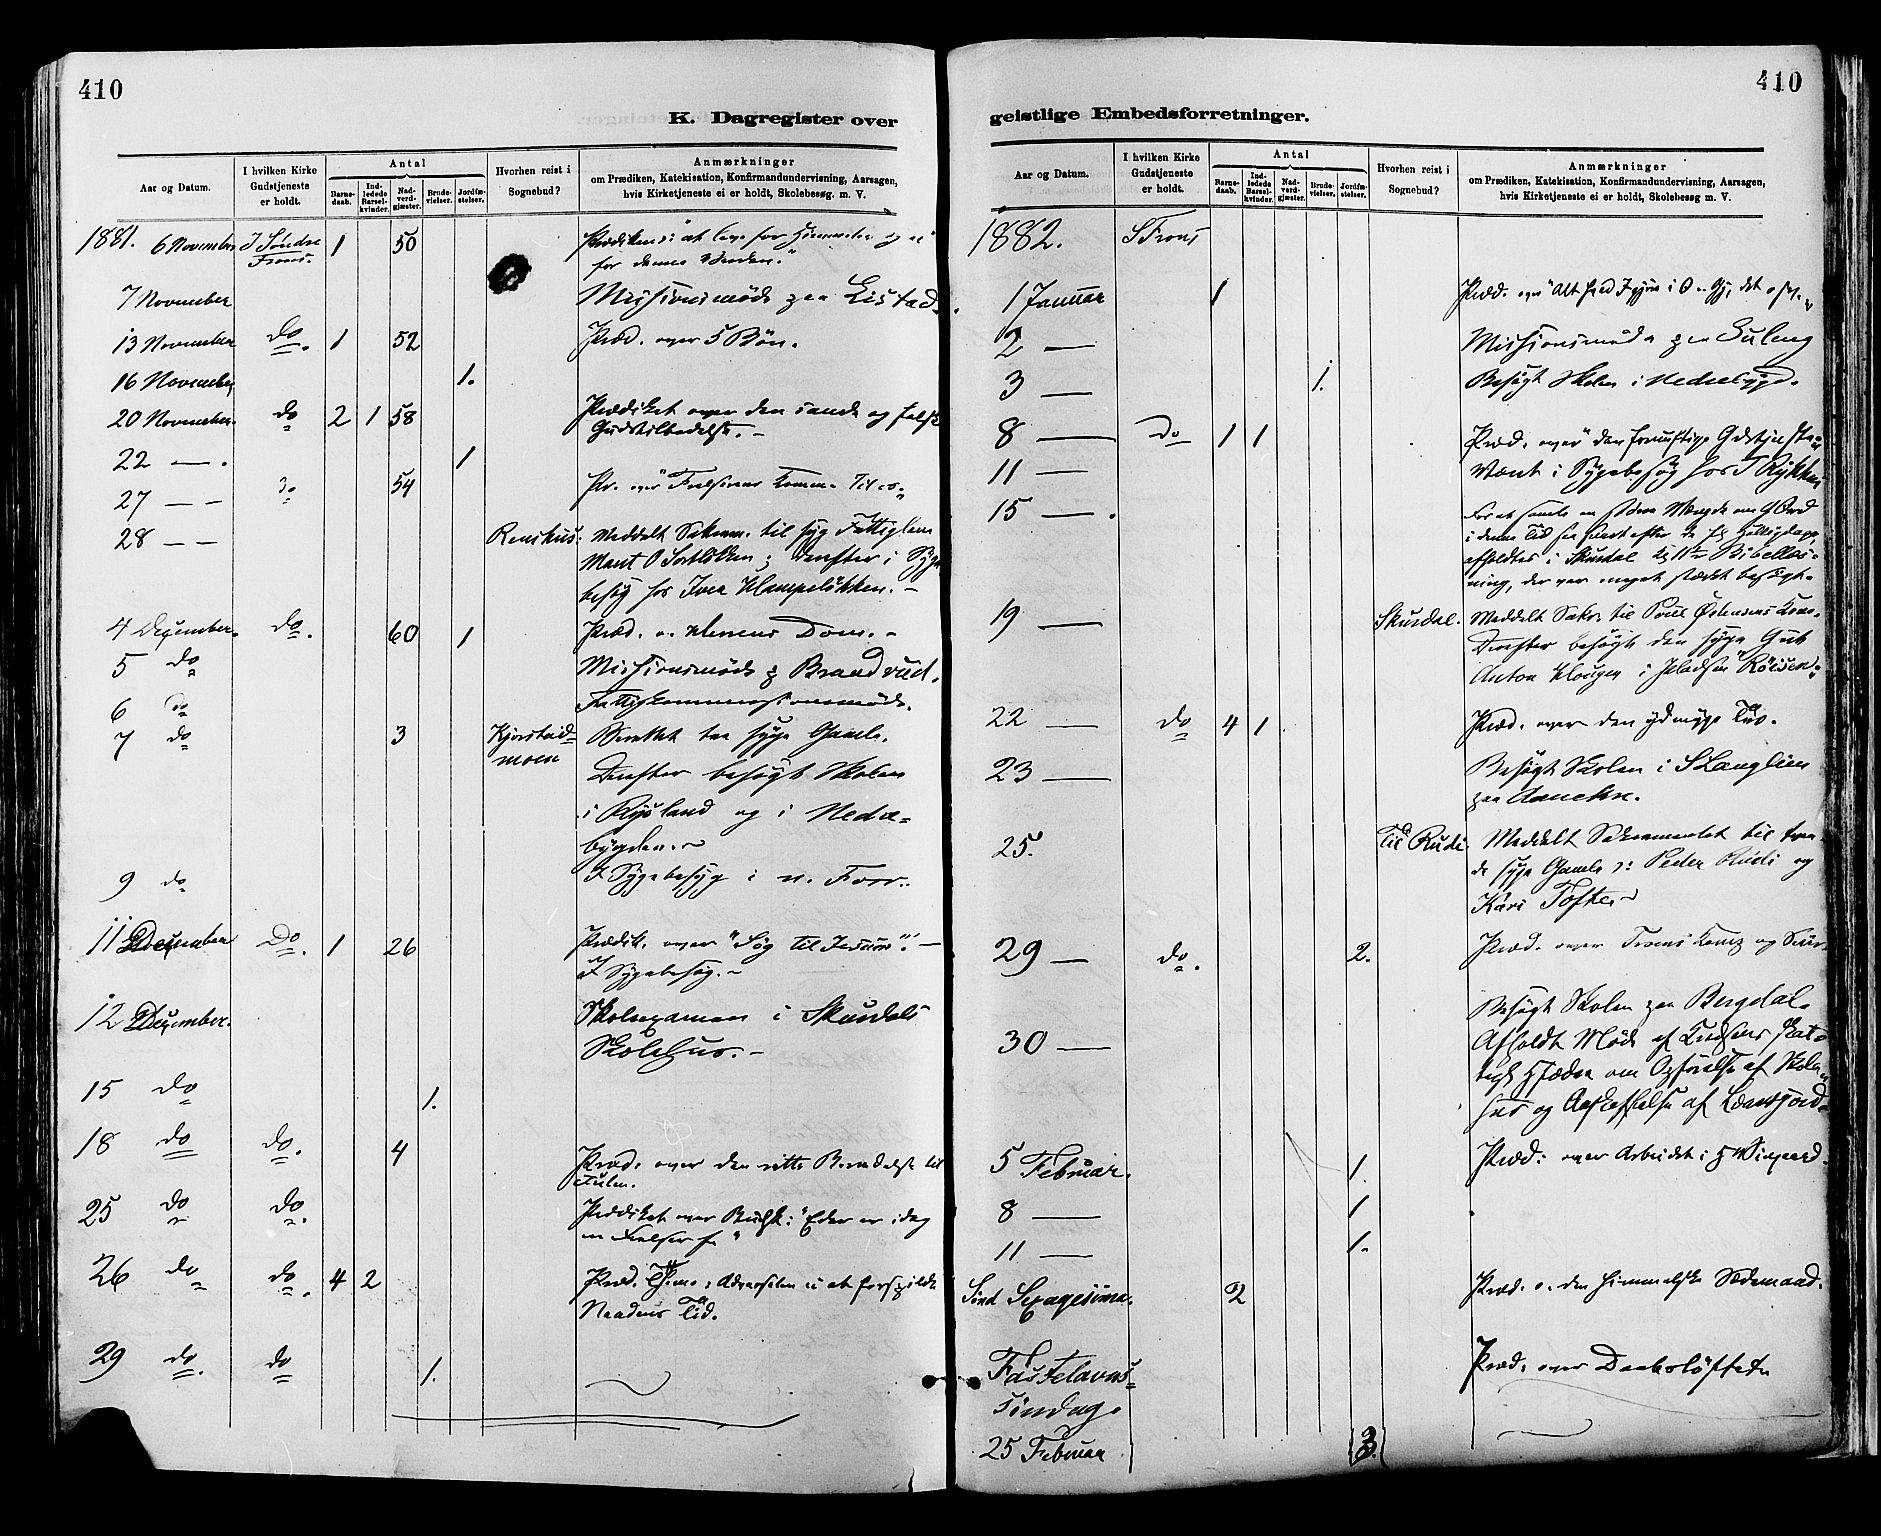 SAH, Sør-Fron prestekontor, H/Ha/Haa/L0003: Ministerialbok nr. 3, 1881-1897, s. 410